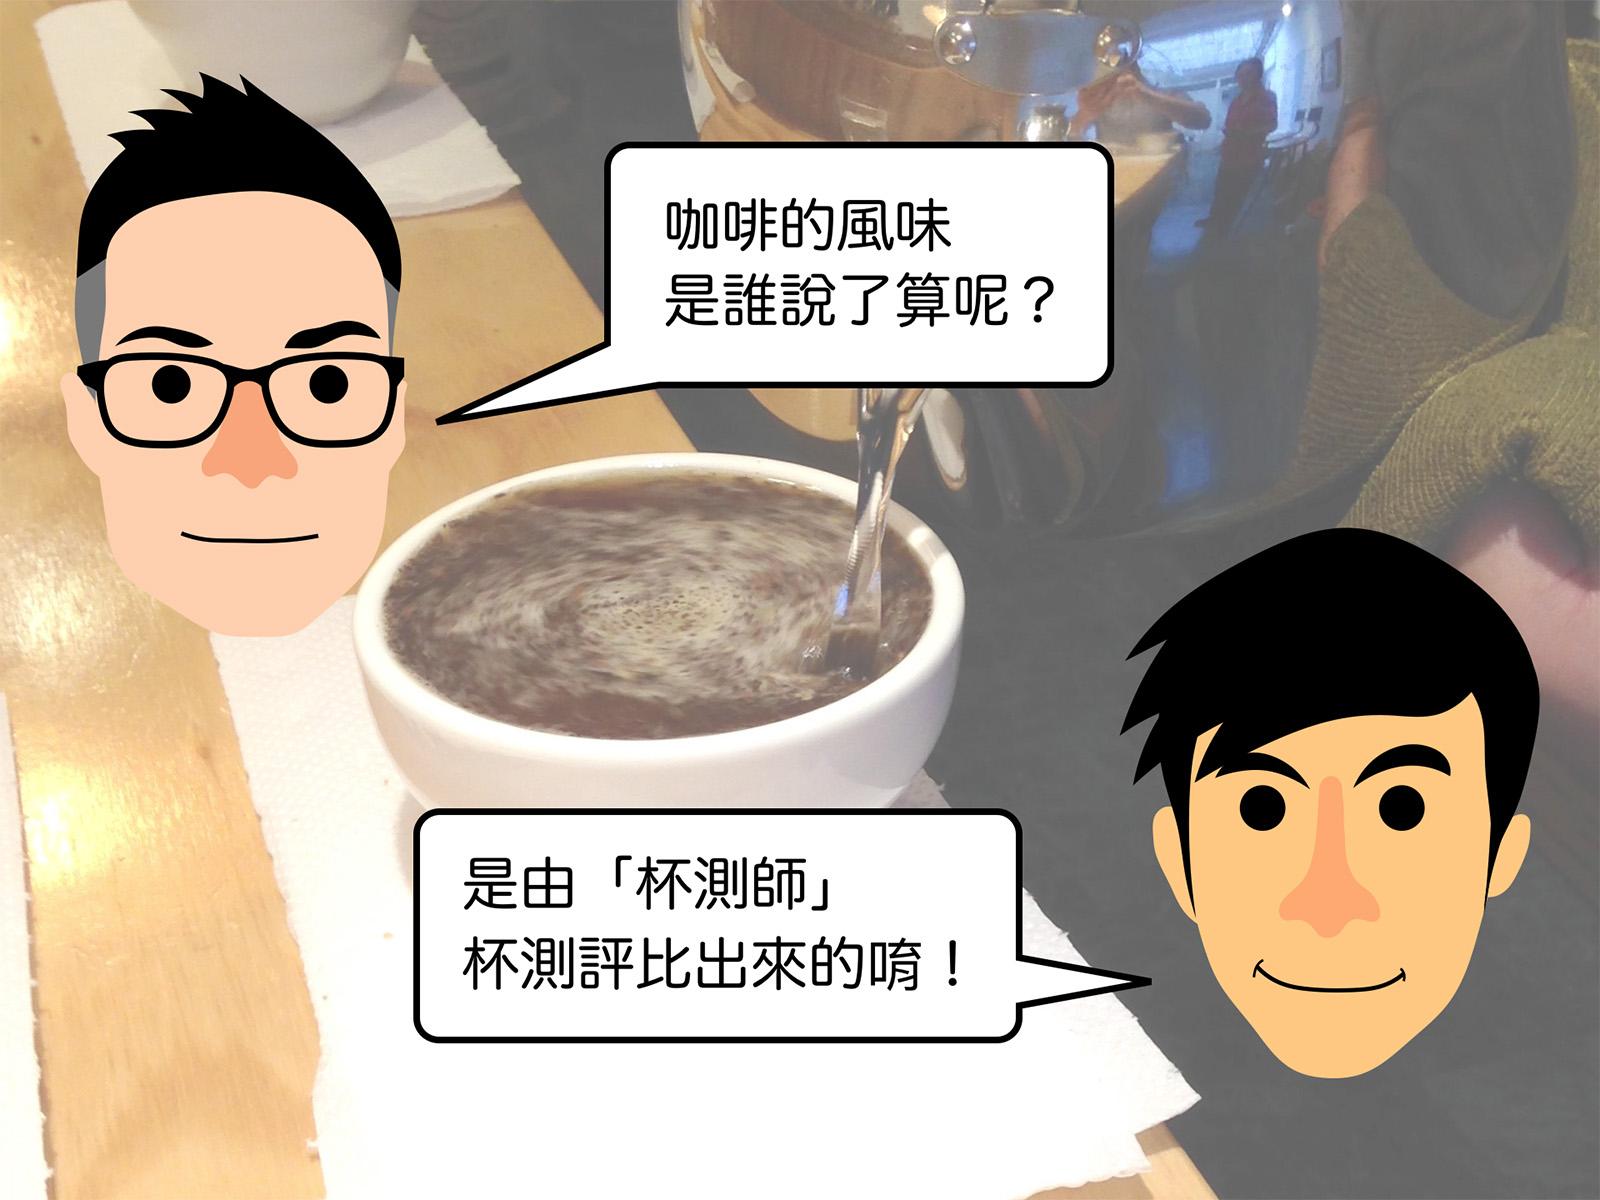 【咖啡新手專區】如何公平測量精品咖啡的風味?那就是杯測!